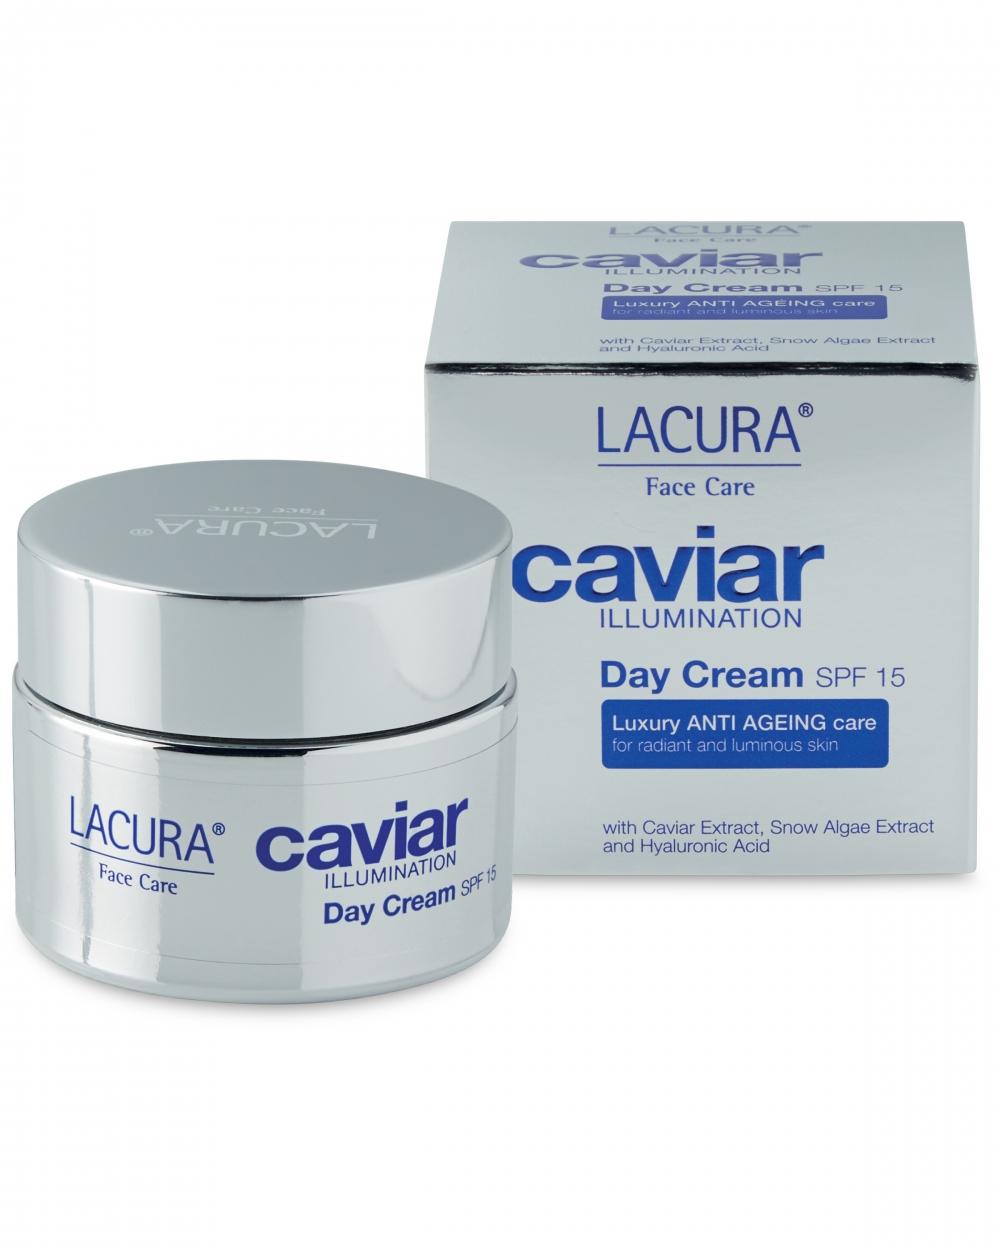 2017 09 11 Aldi Caviar Illumination Day Cream